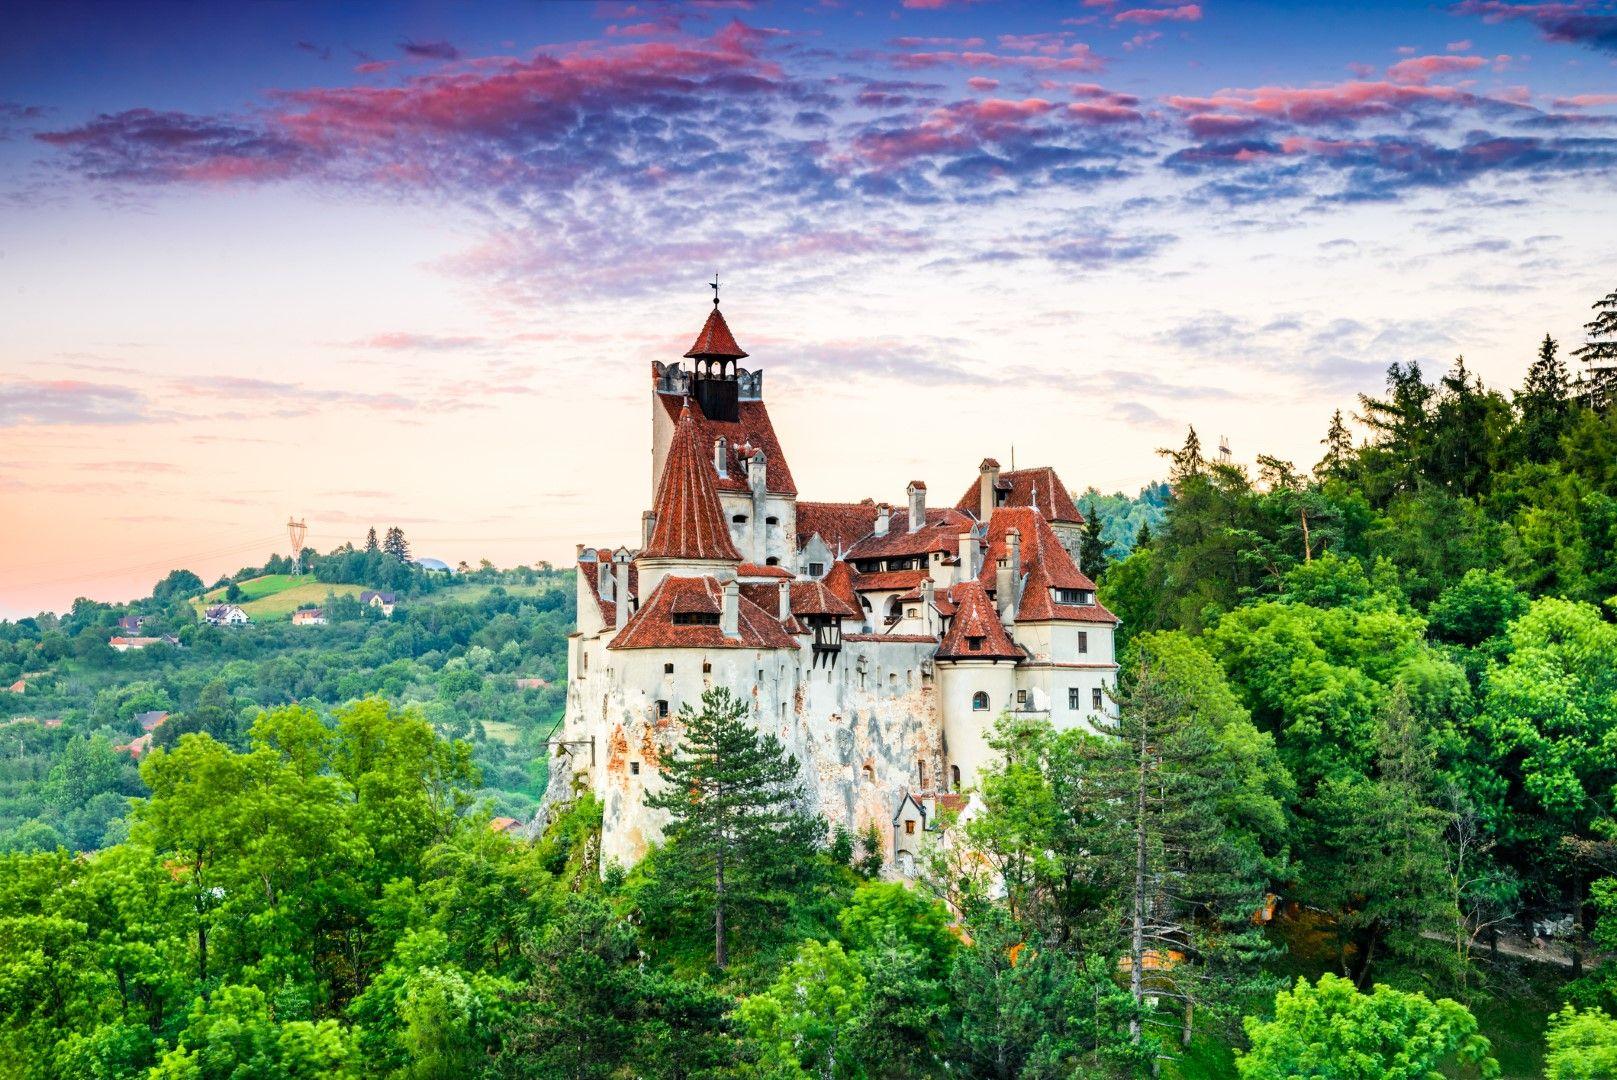 """Замъкът Бран, станал известен заради романа """"Дракула"""" на Брам Стокър"""